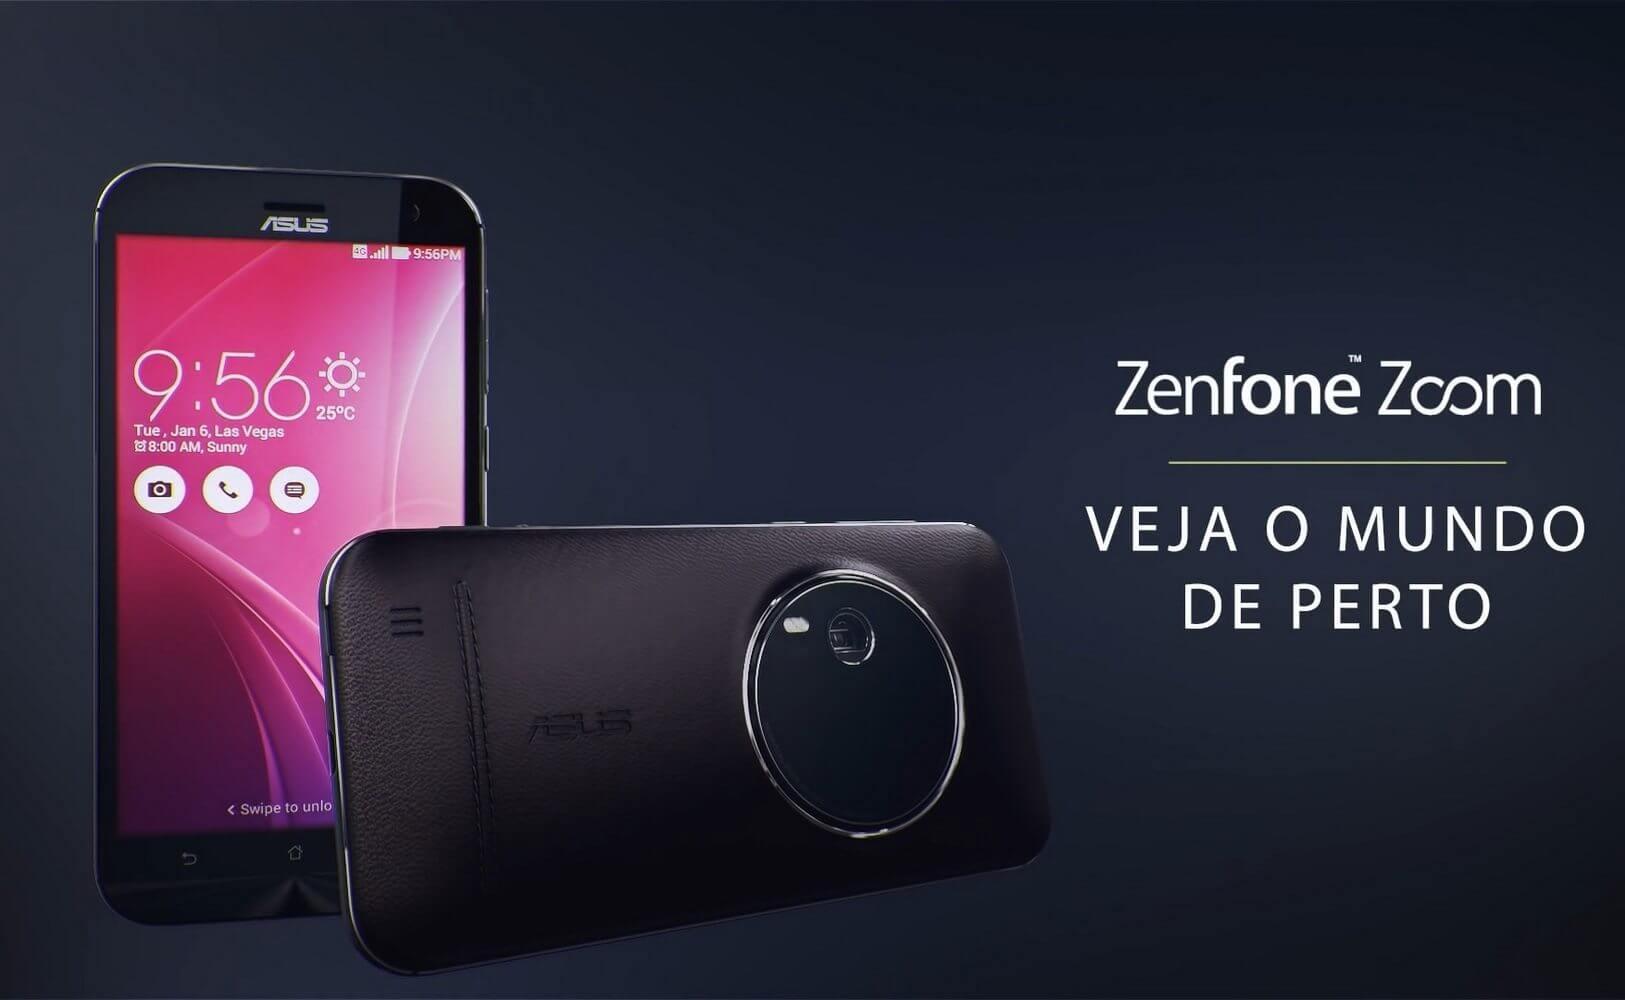 capa 4 - Review: Asus Zenfone Zoom - Ótimo smartphone, excelente câmera